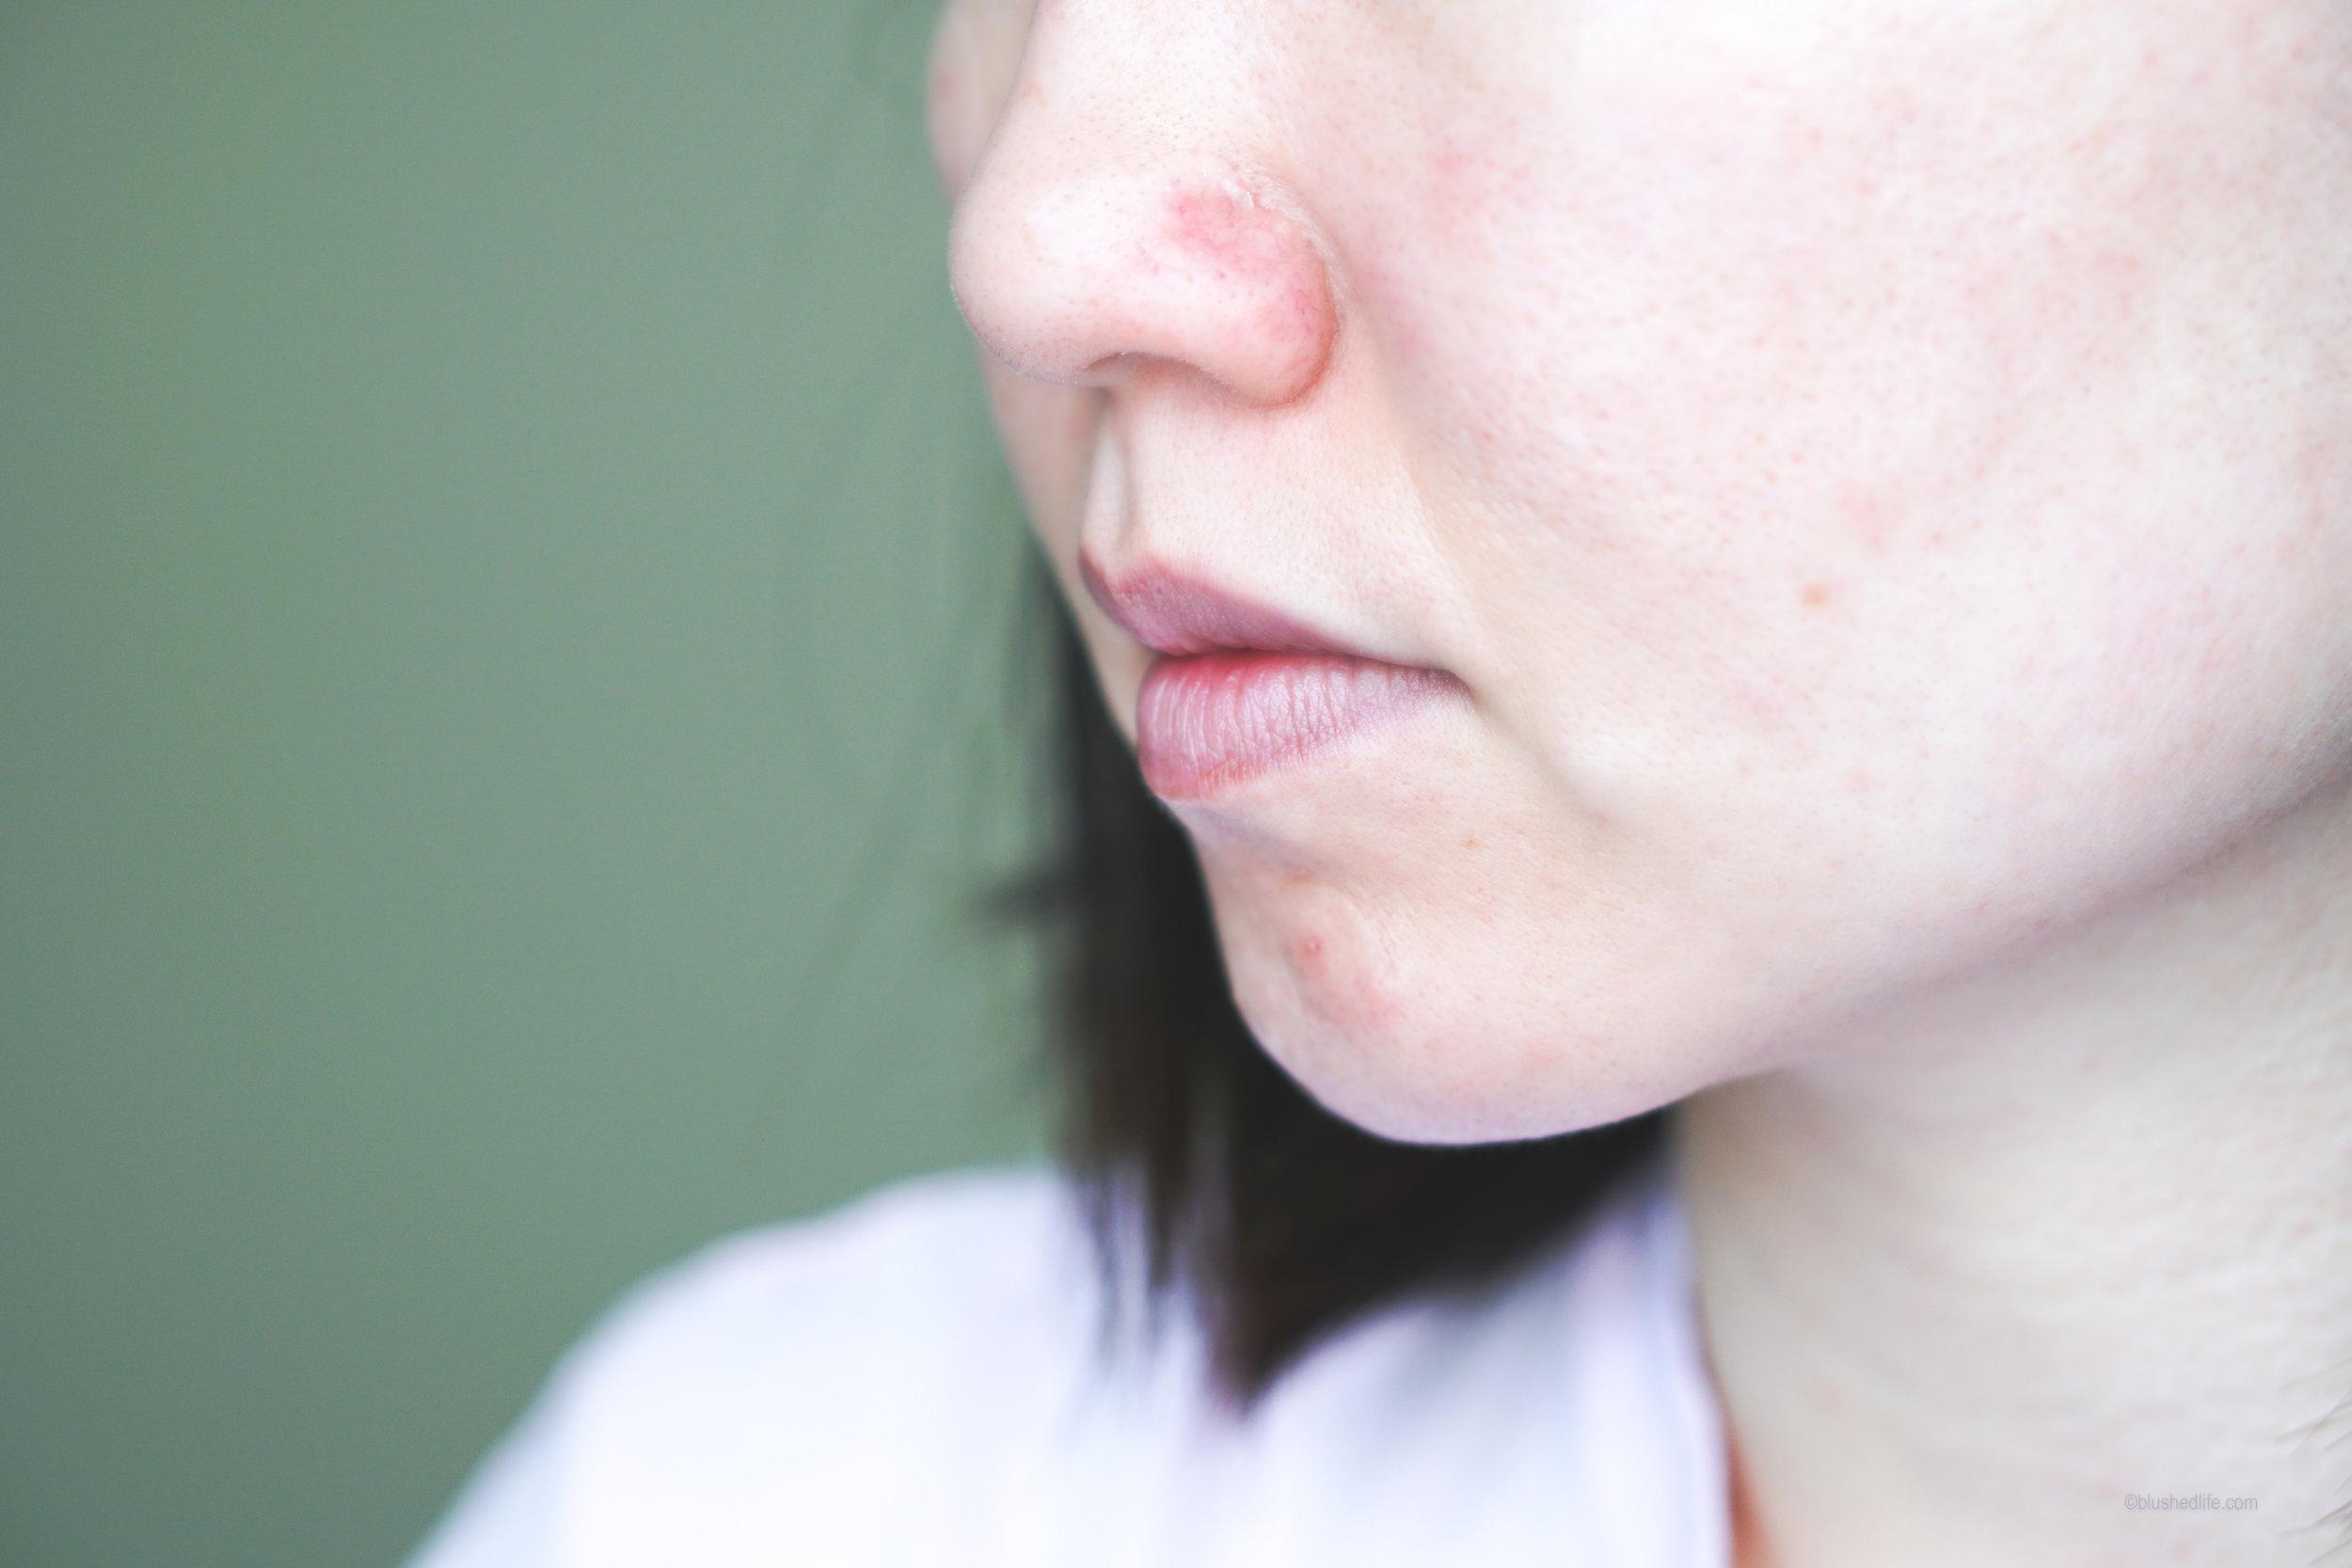 Best Pimple Patches Review Comparison_DSC07278-2.jpg